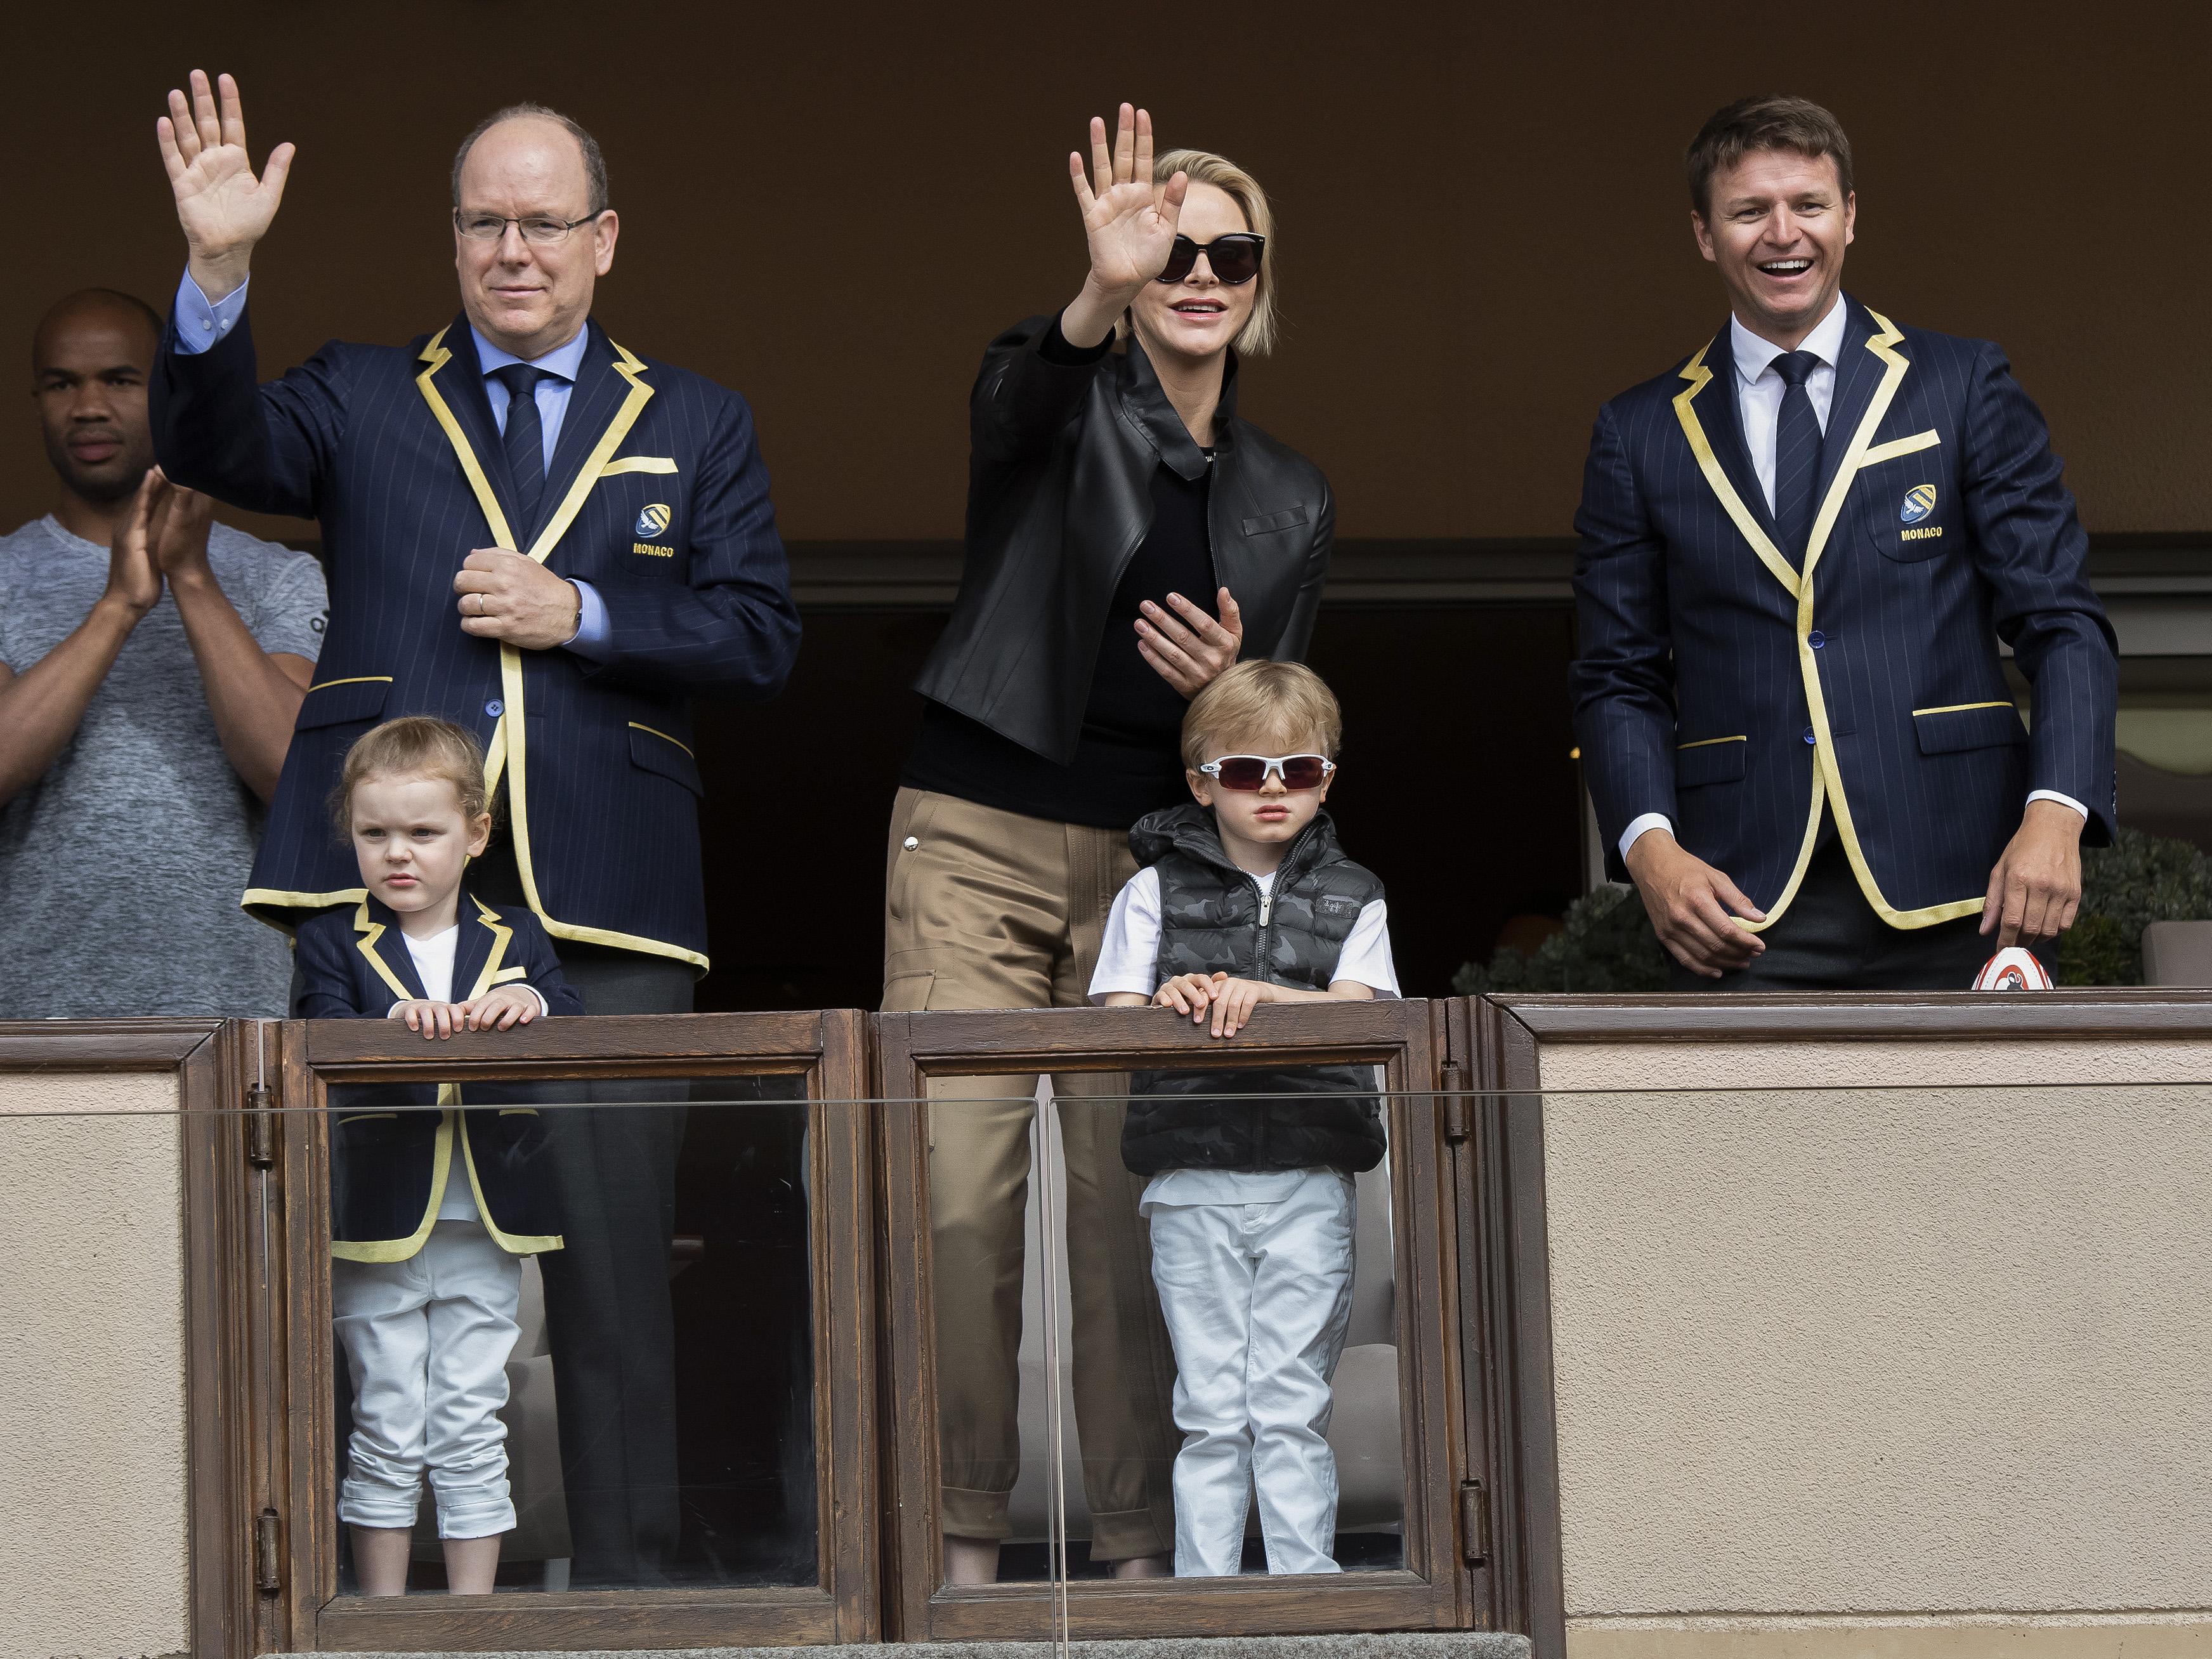 I gemelli di Monaco, che look!